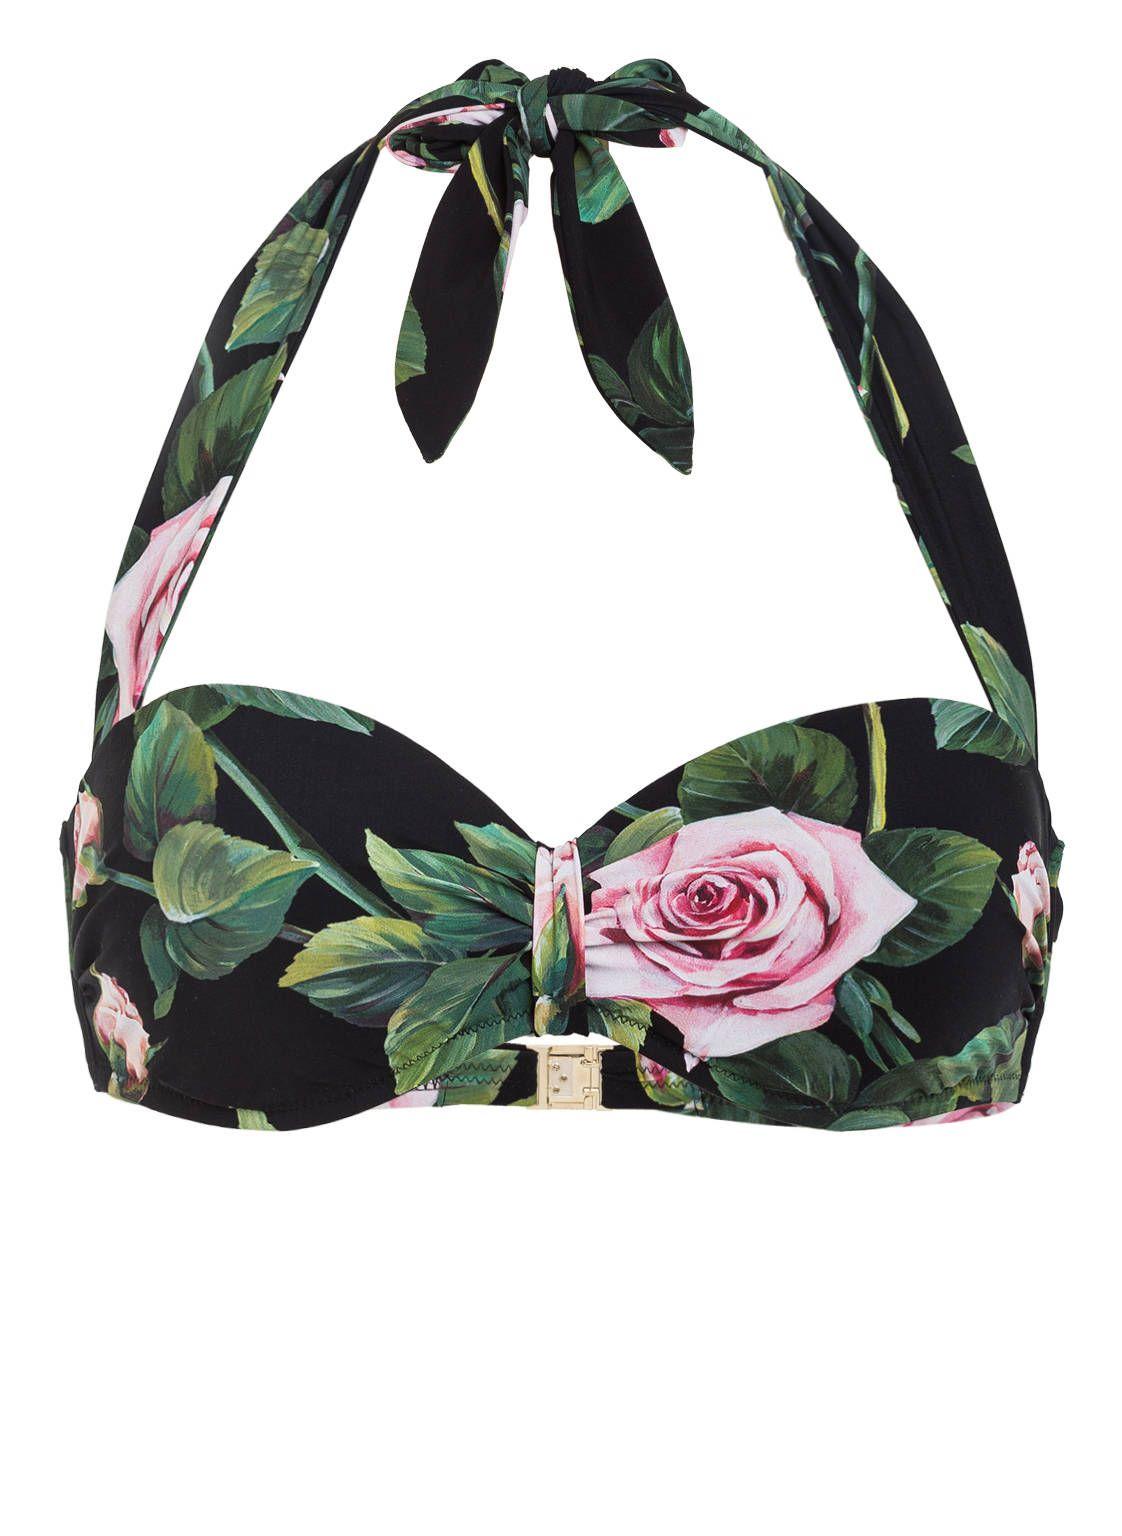 Bandeau-Bikini-Top  von DOLCE&GABBANA bei Breuninger kaufen